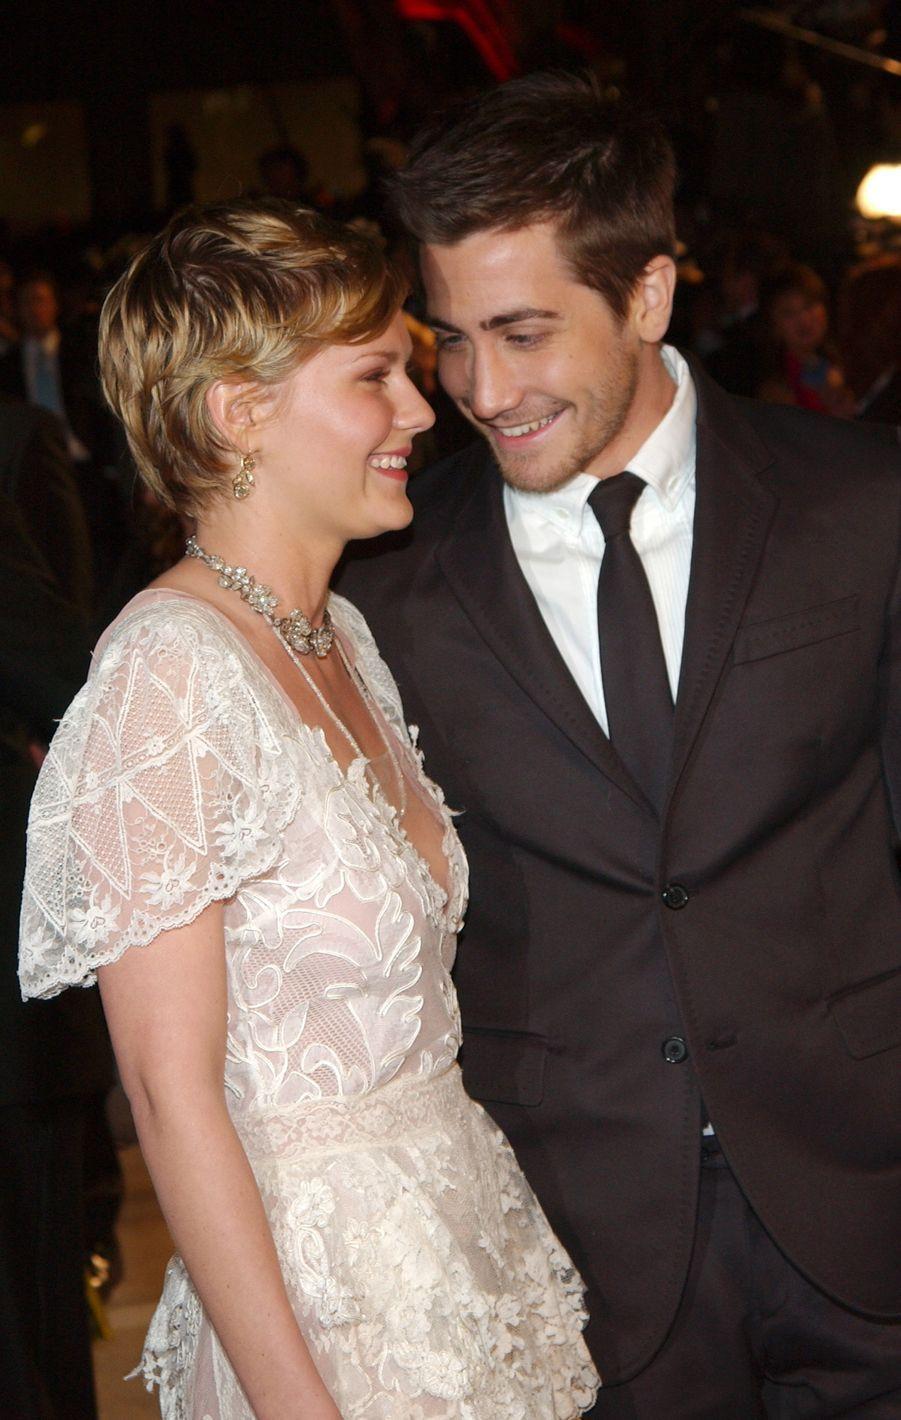 Kirsten Dunst et Jake Gyllenhaal en 2004, l'année de leur rupture. Le couple s'était fréquenté pendant deux ans.